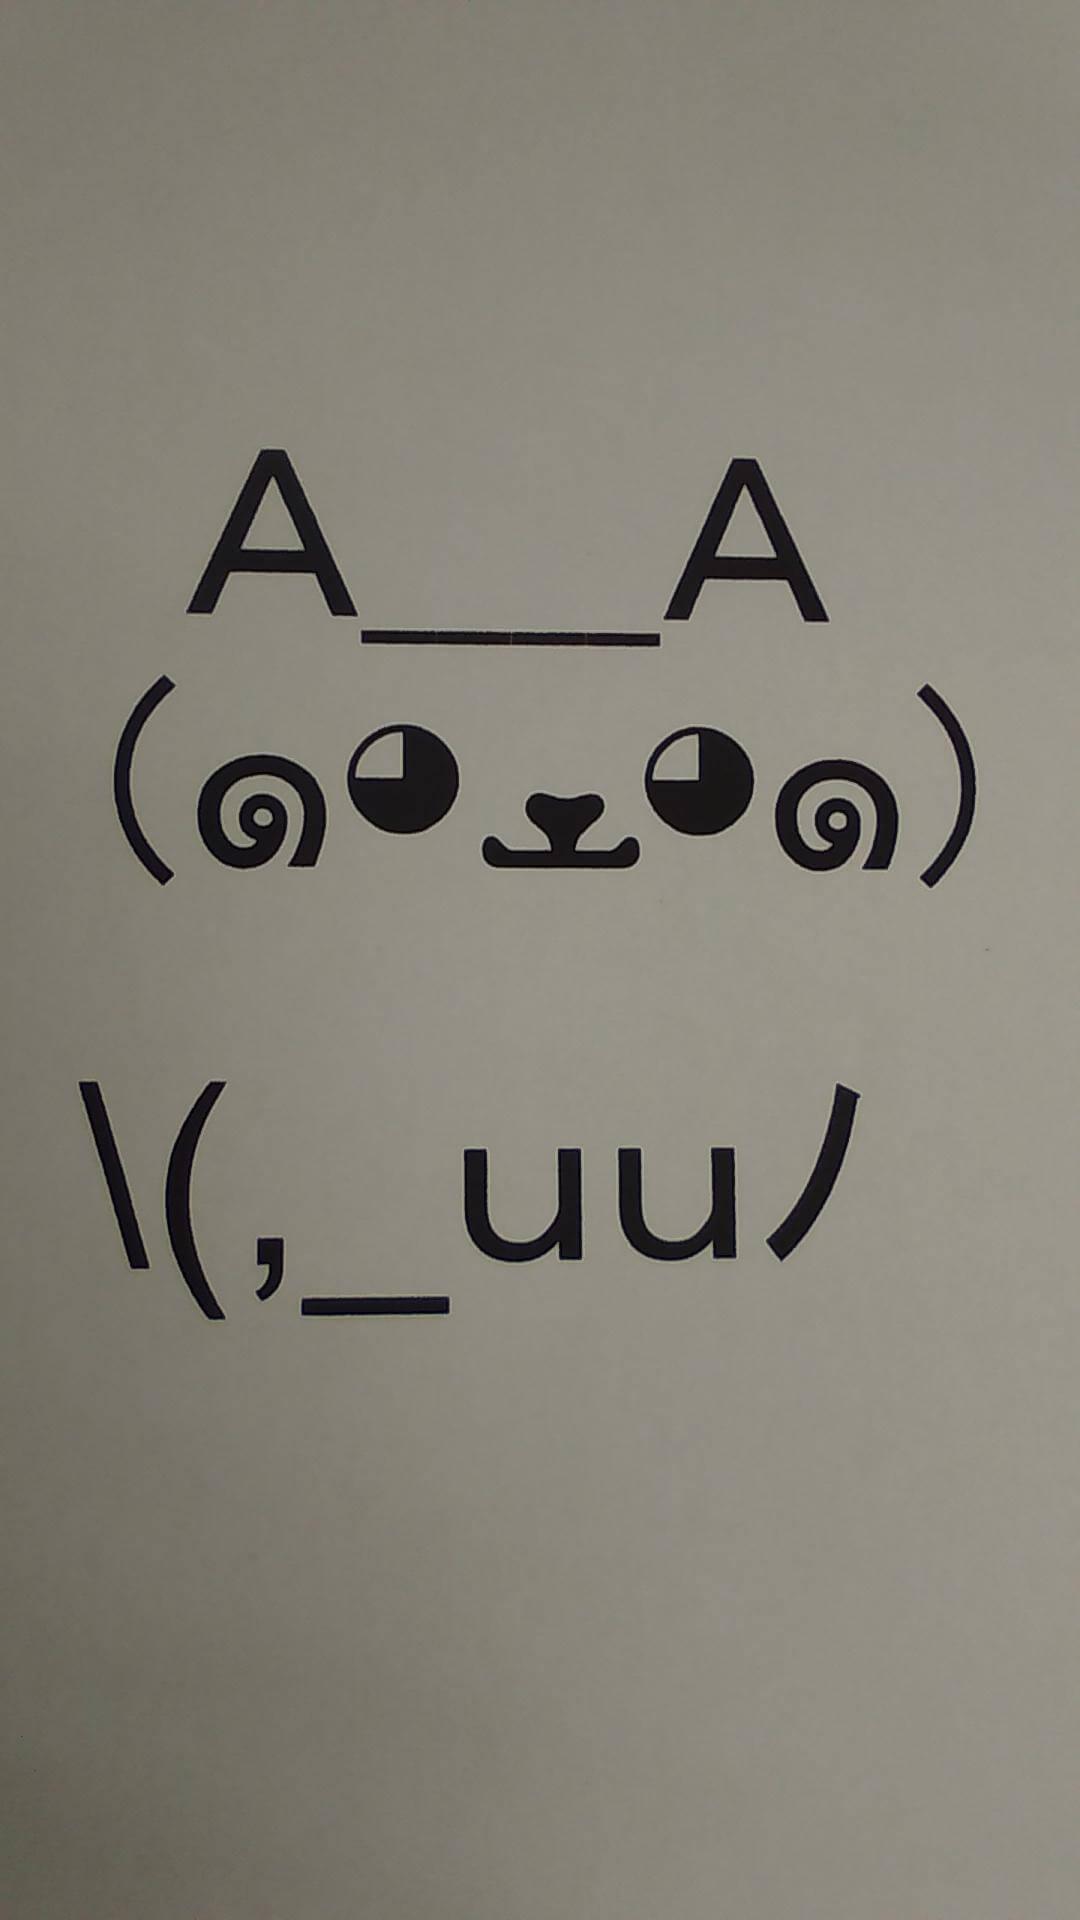 一覧 顔 文字 2ちゃんねる顔文字辞書・2chアスキーアート・AAアイコン素材 MatsuCon